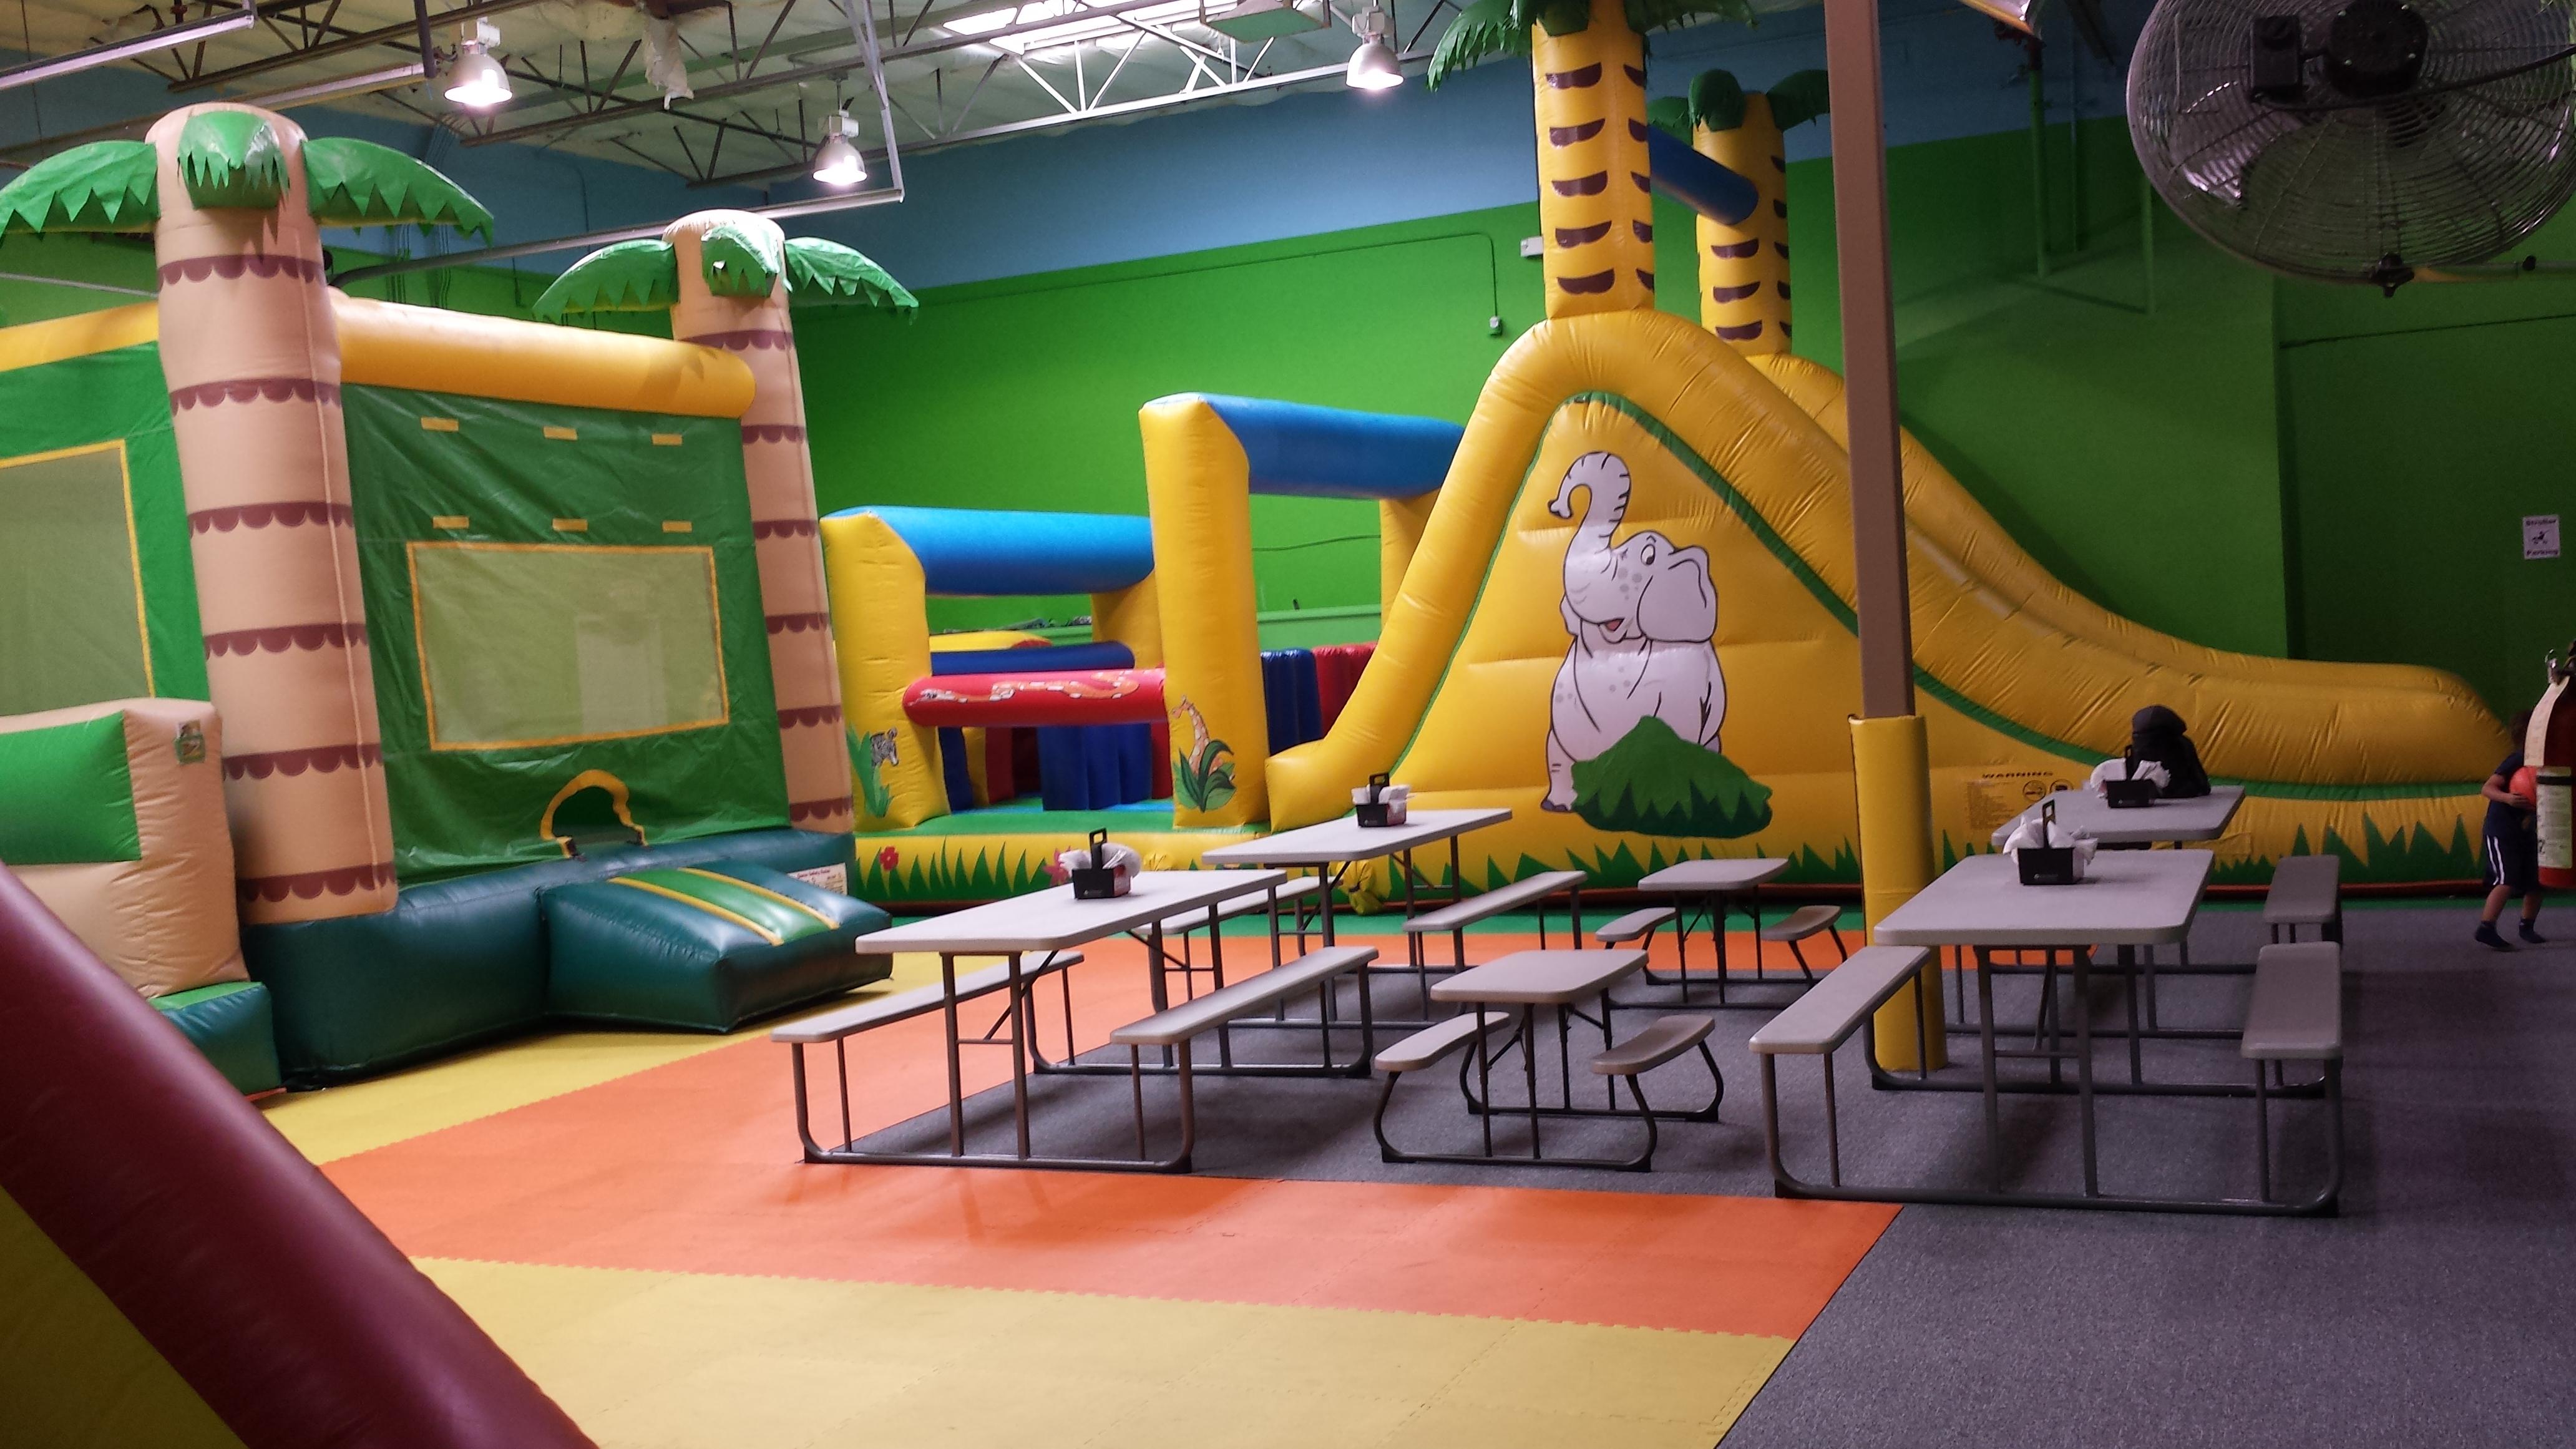 Jumper S Jungle Family Fun Center 4005 W Reno Ave Las